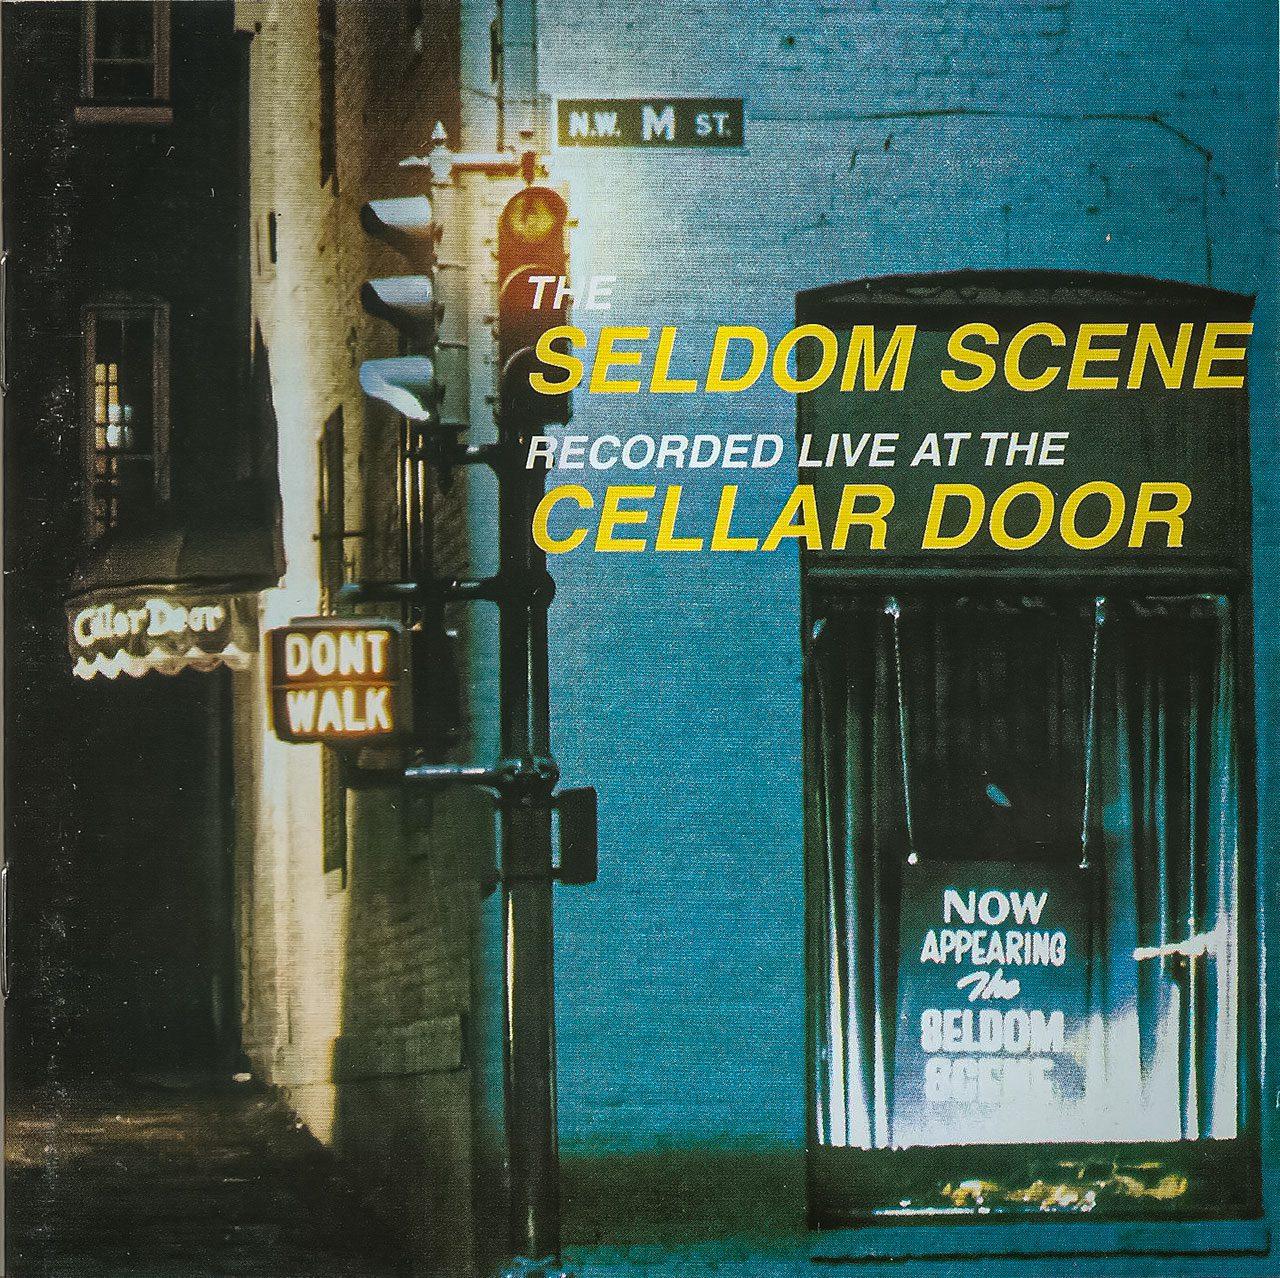 Seldom Scene - Live At Cellar Door cover album